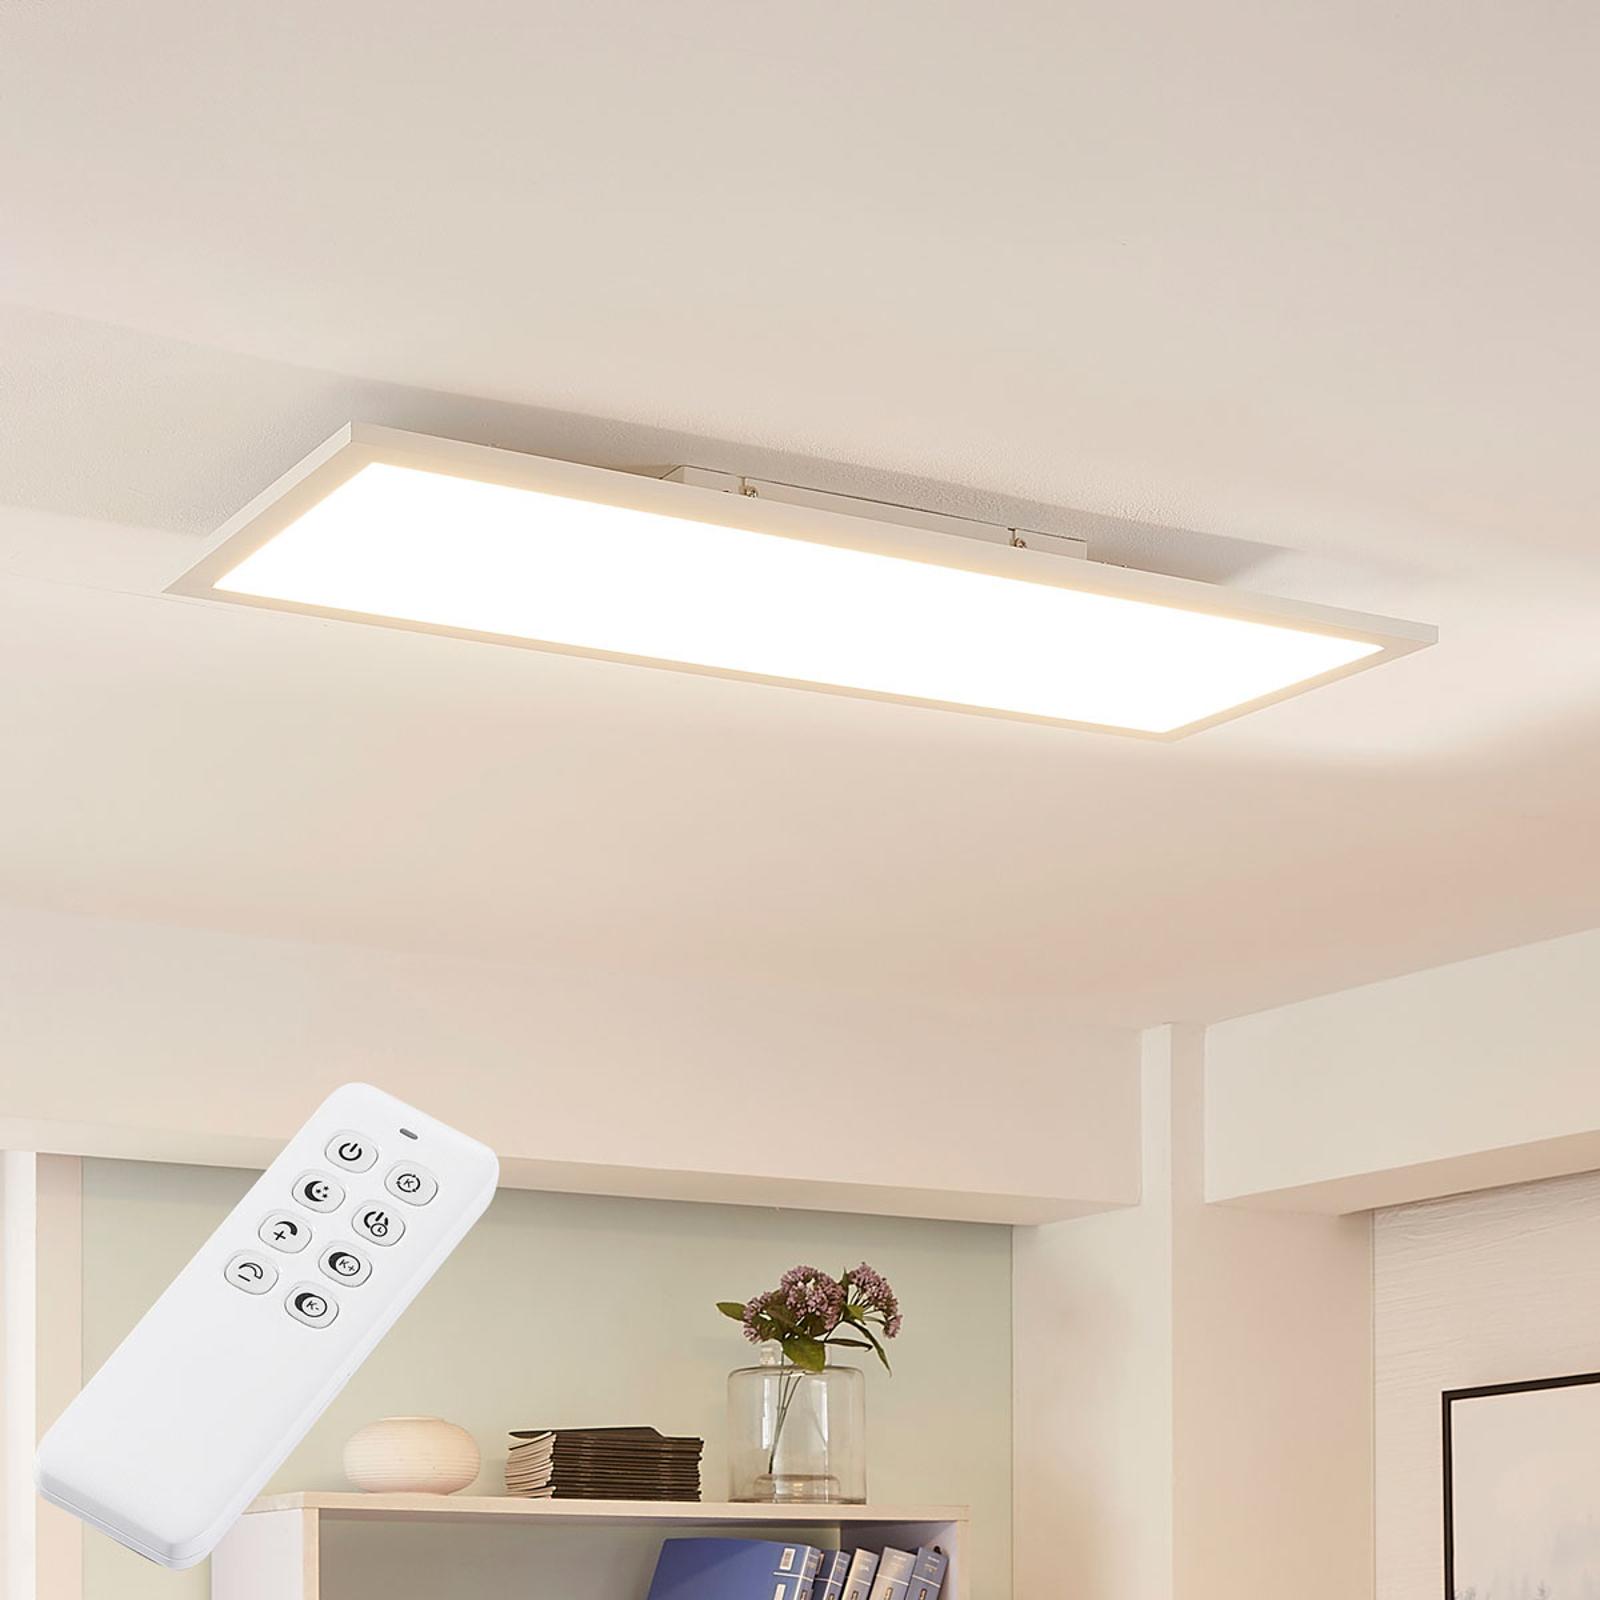 Längliches LED-Panel Lysander, warmweiß tageslicht